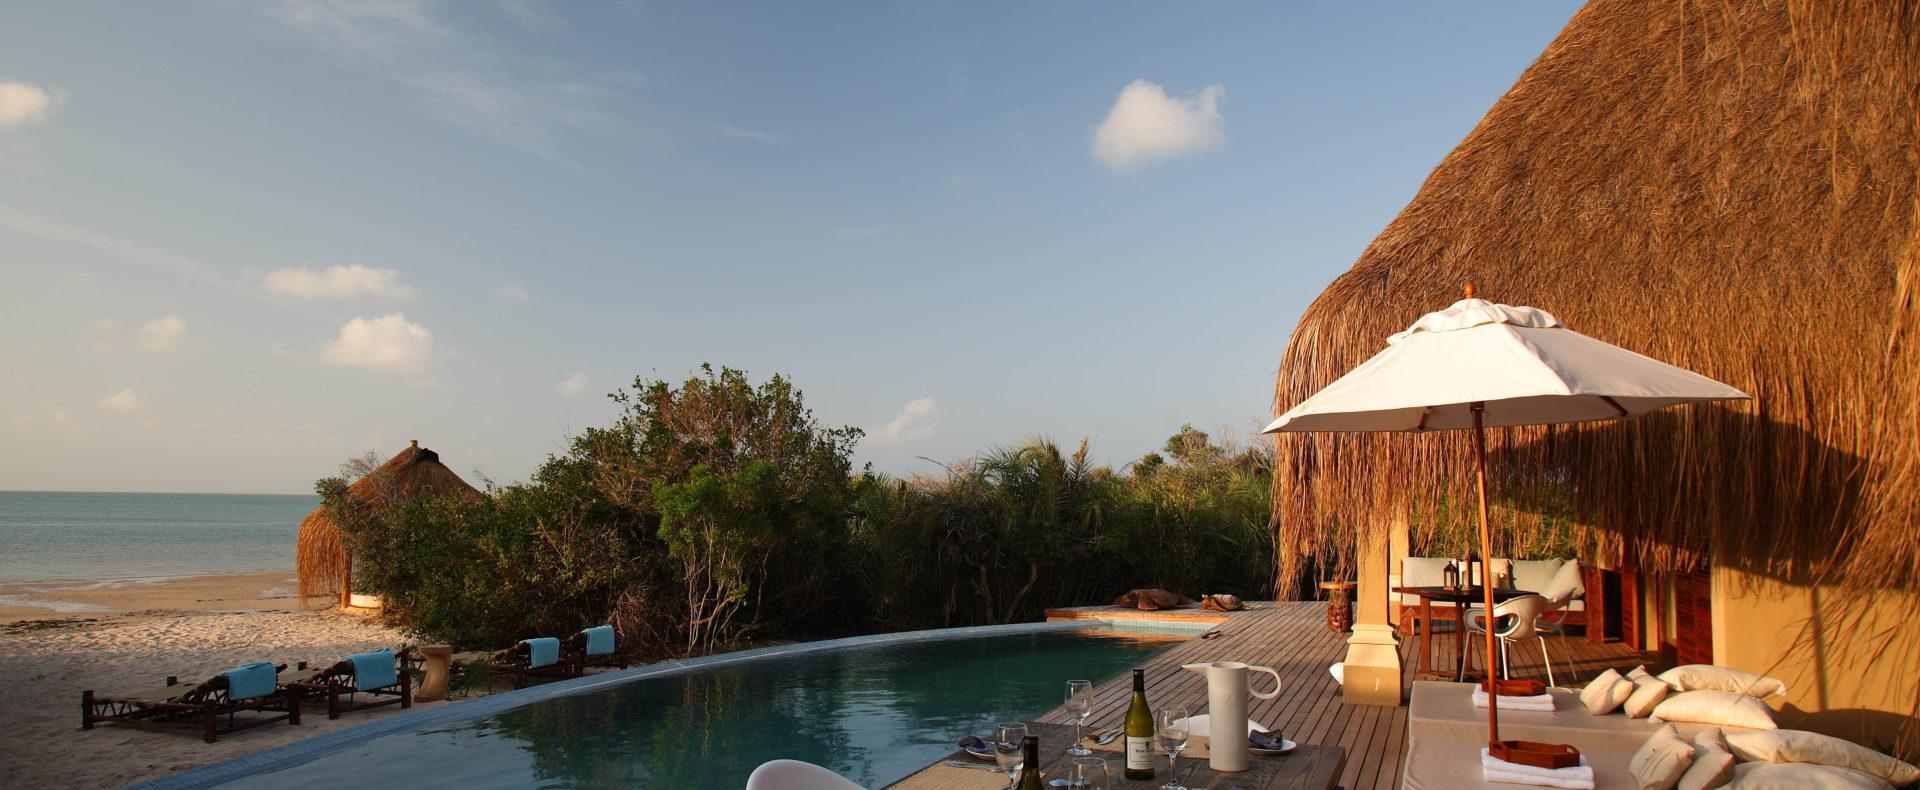 Villa Presidential | Azura Resort | Mozambique | Haute Retreats